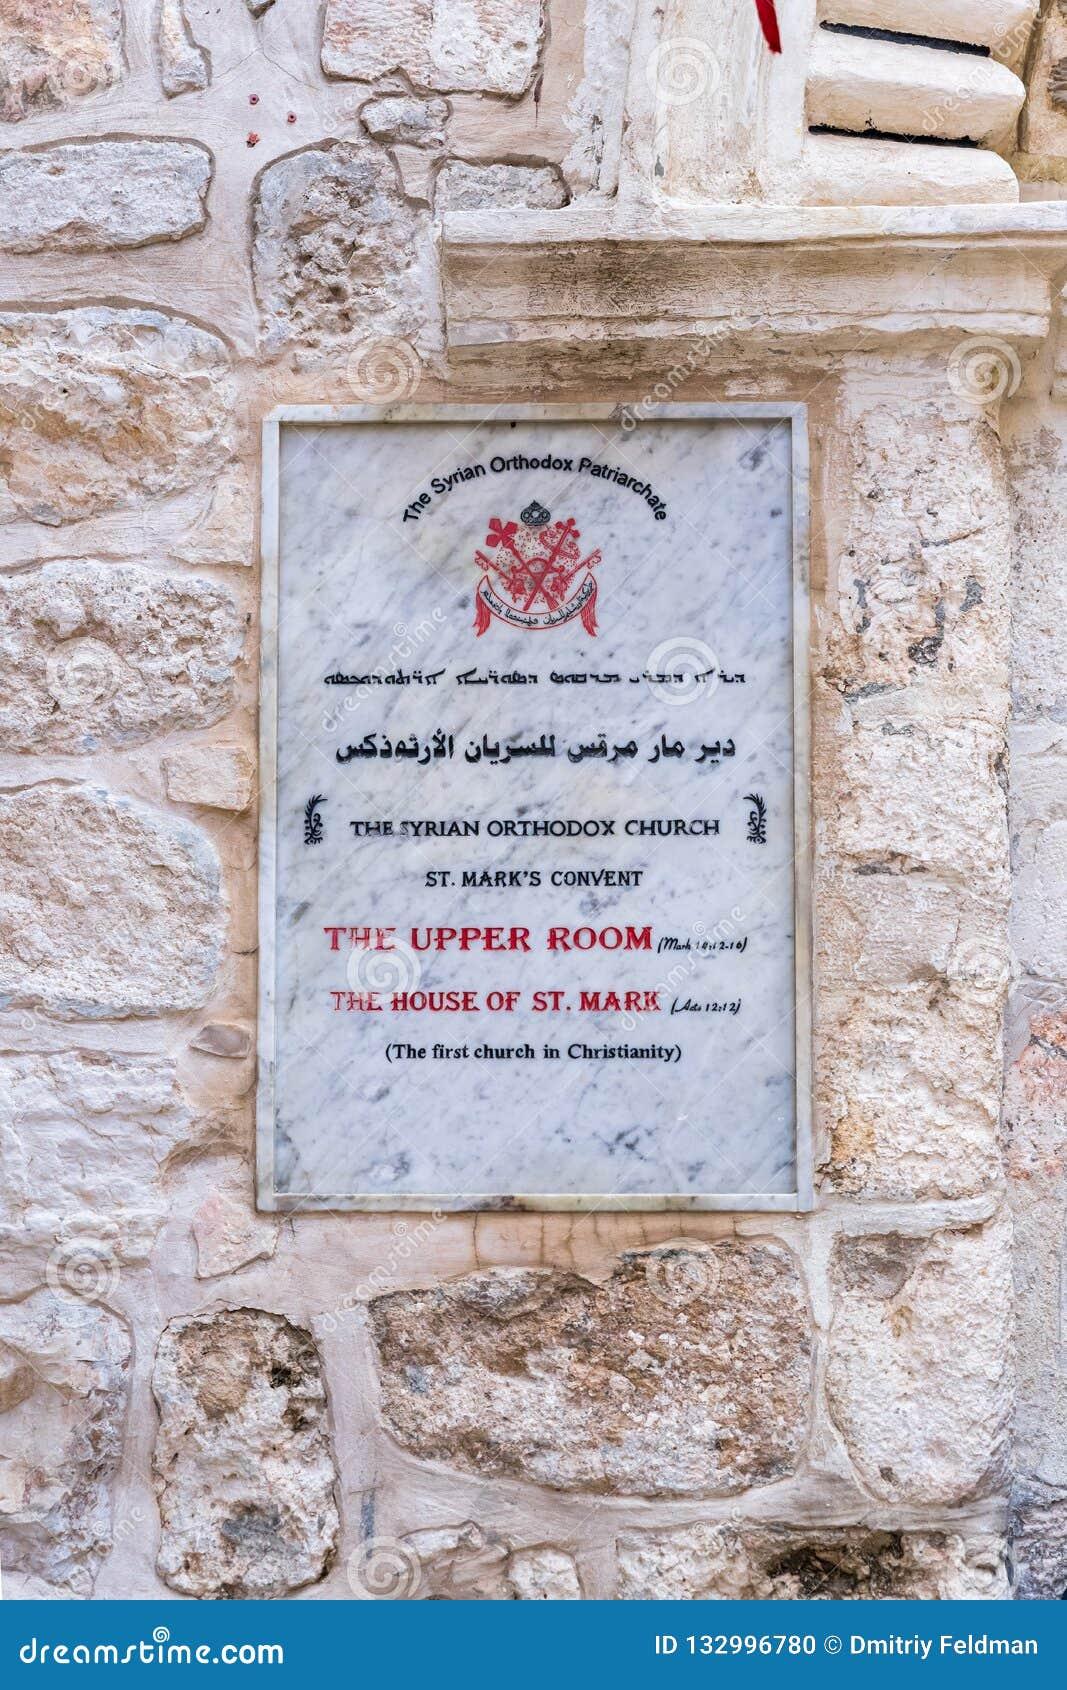 Ein Zeichen mit der Aufschrift - die syrische orthodoxe Kirche - in zwei Sprachen - arabisch und Englisch nahe dem Eingang zur Ki